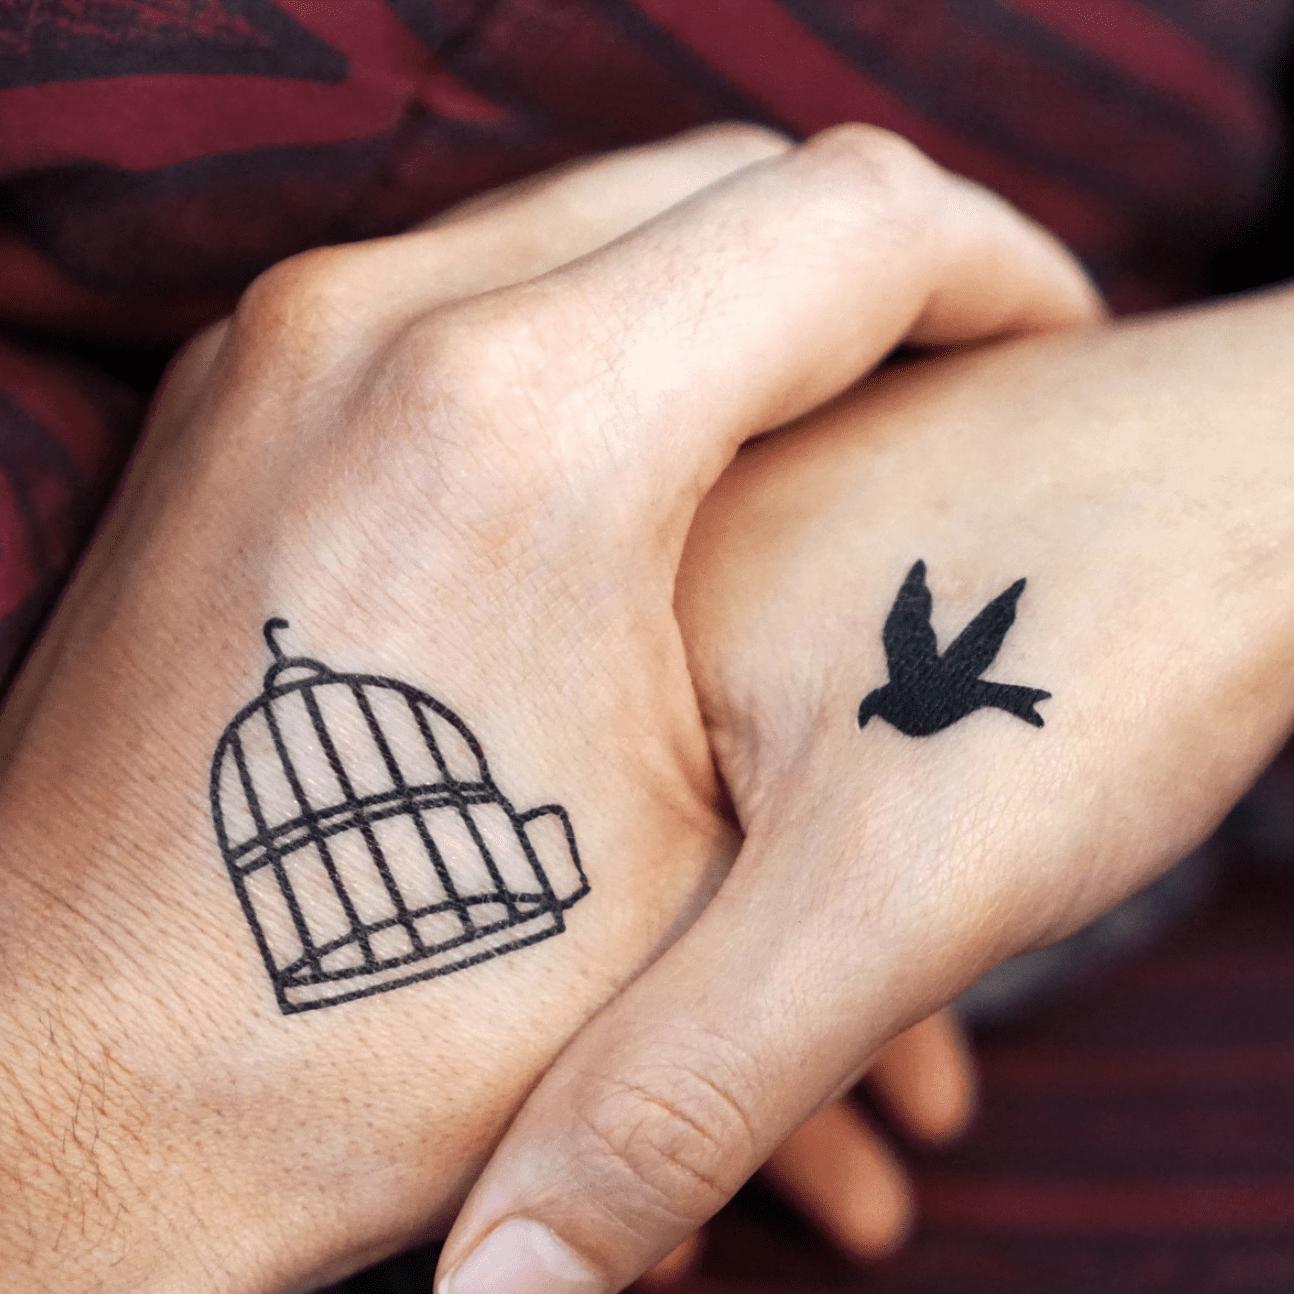 Tatuaggi per fidanzati: gabbia con rondine